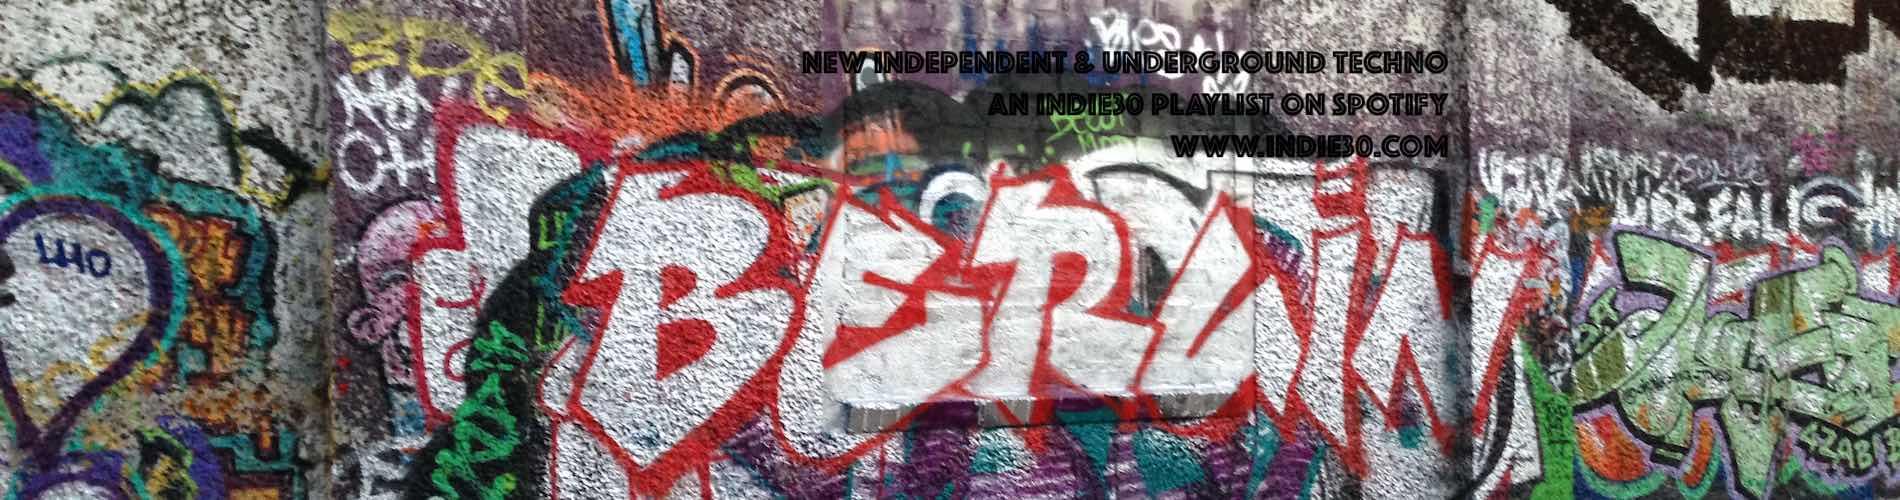 Techno-Playlist-Banner